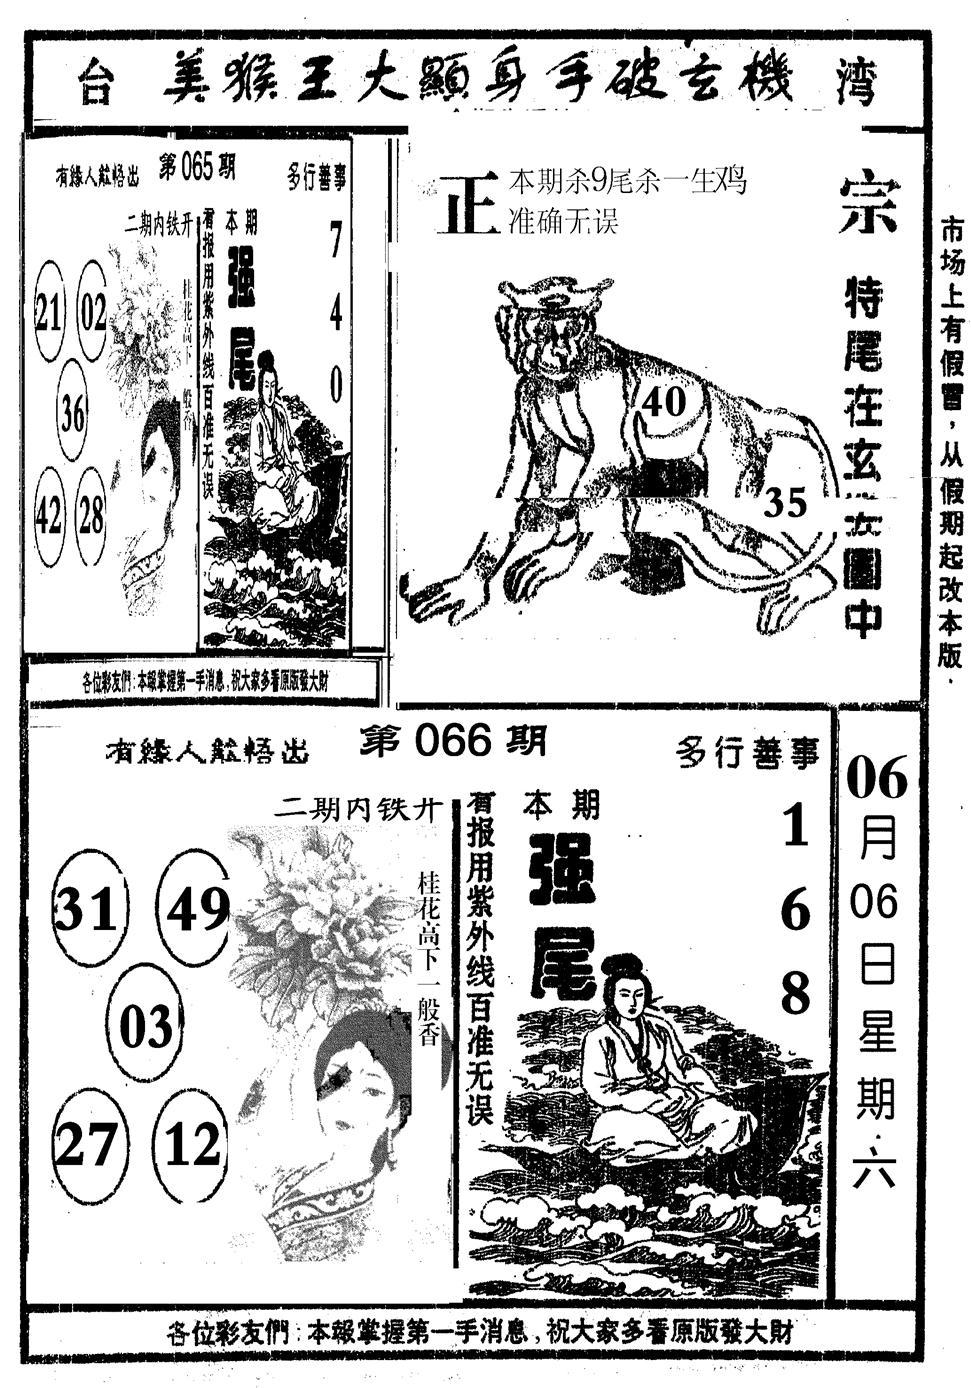 066期美猴王(黑白)